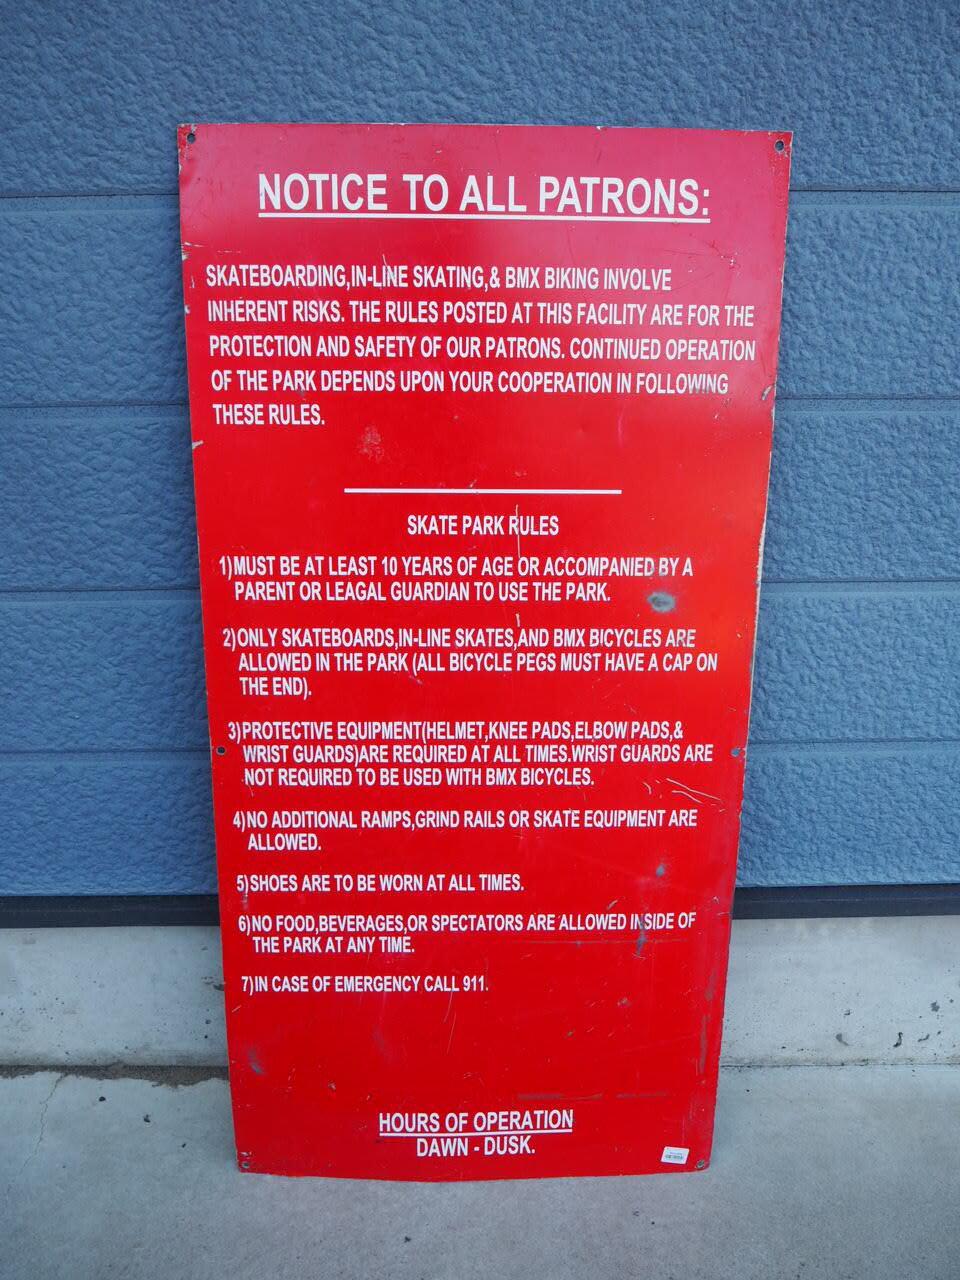 品番0150 スケートパーク NOTICE TO ALL PATRONS 警告 & 安全サイン 看板 プレート アルミ製 アメリカン ヴィンテージ 雑貨